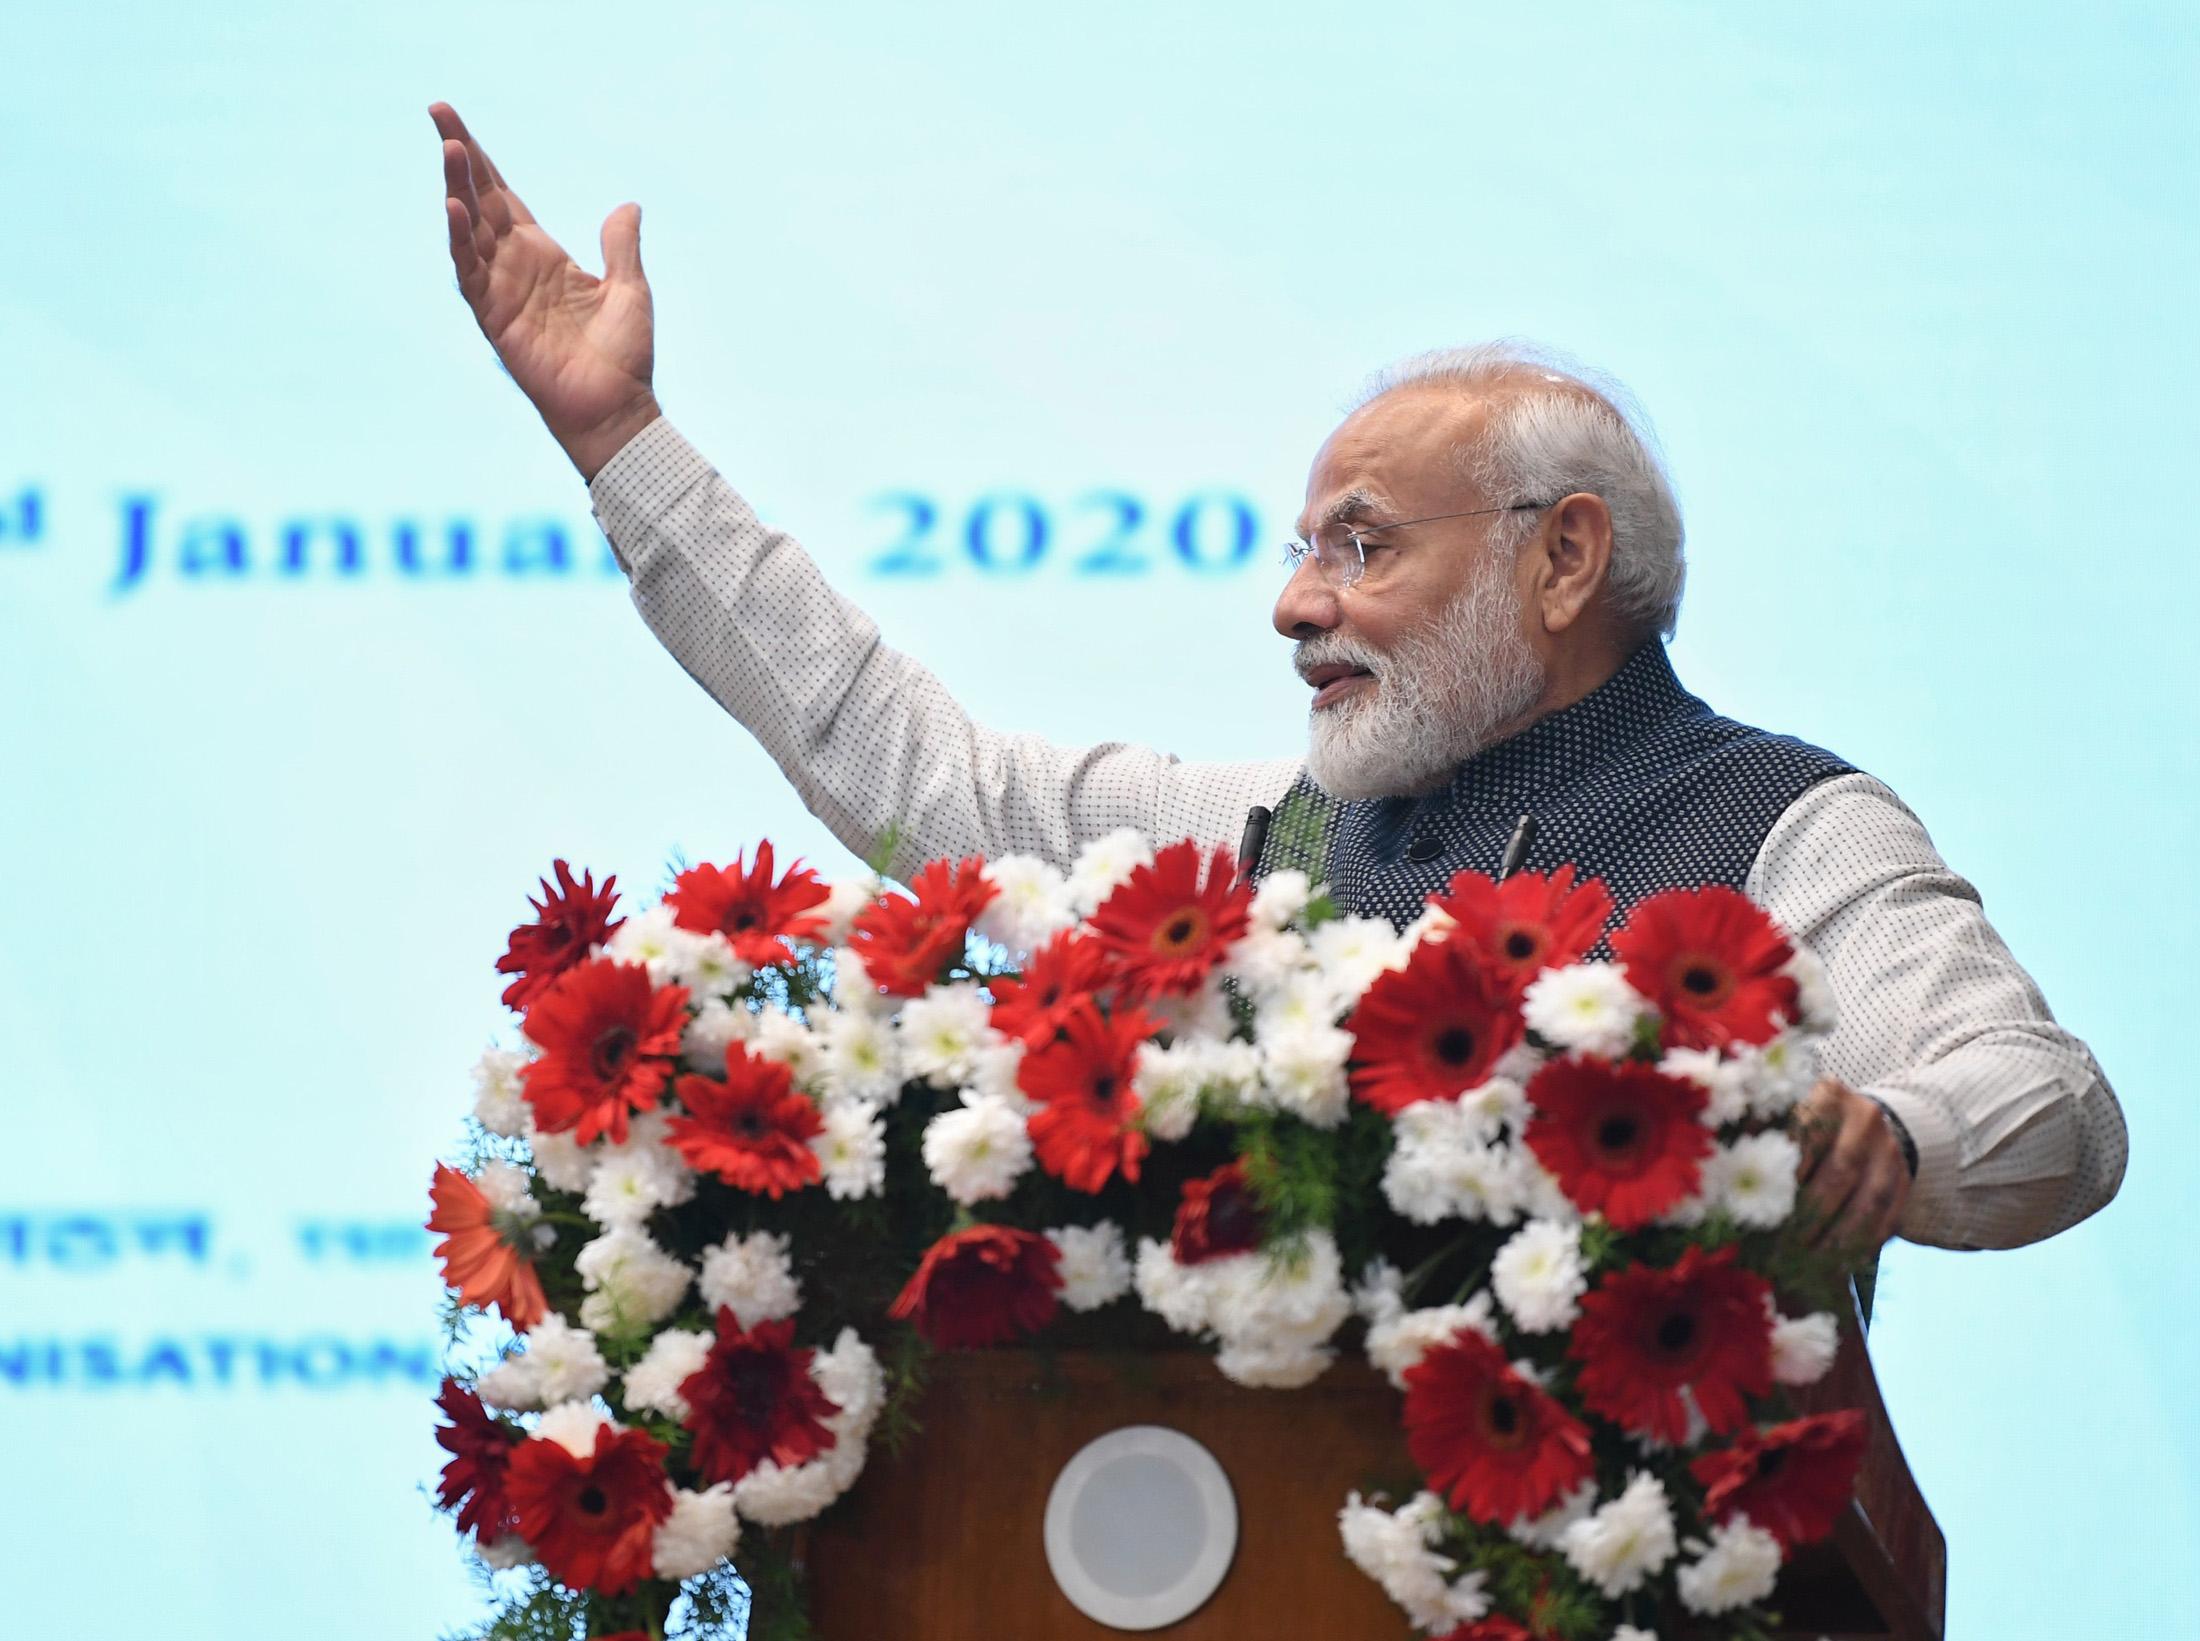 कर्नाटक में पांच डीआरडीओ (DRDO) यंग साइंटिस्ट लैब्स के उद्घाटन अवसर पर प्रधानमंत्री के सम्बोधन